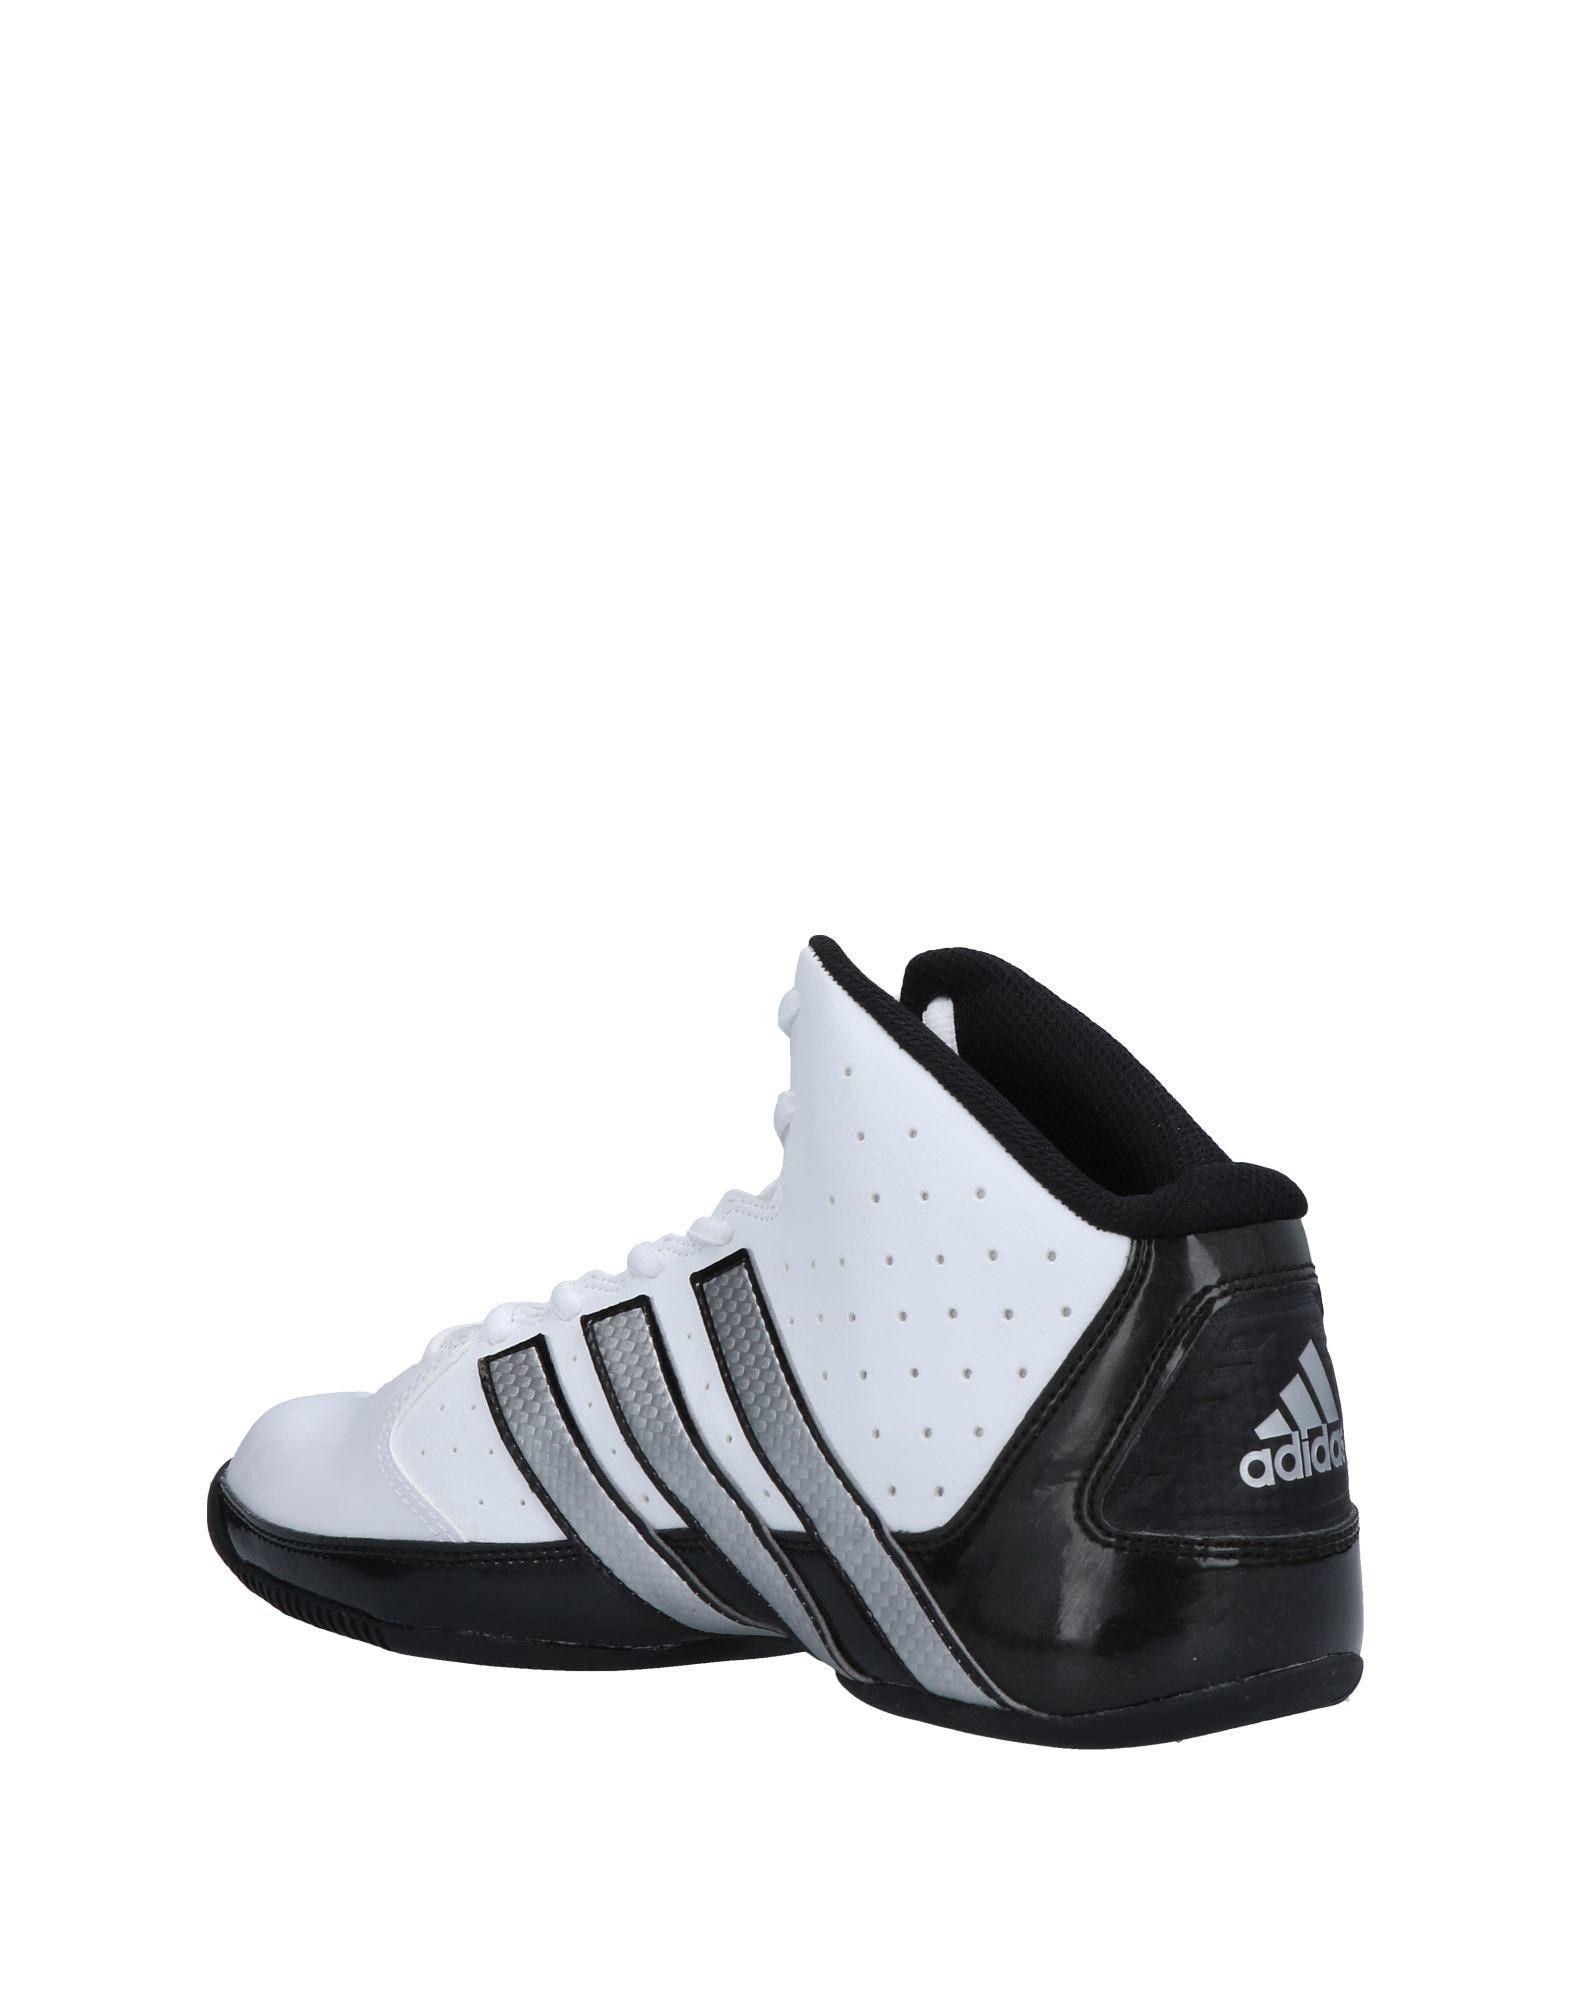 Adidas Sneakers Herren Gutes lohnt Preis-Leistungs-Verhältnis, es lohnt Gutes sich 141c2a